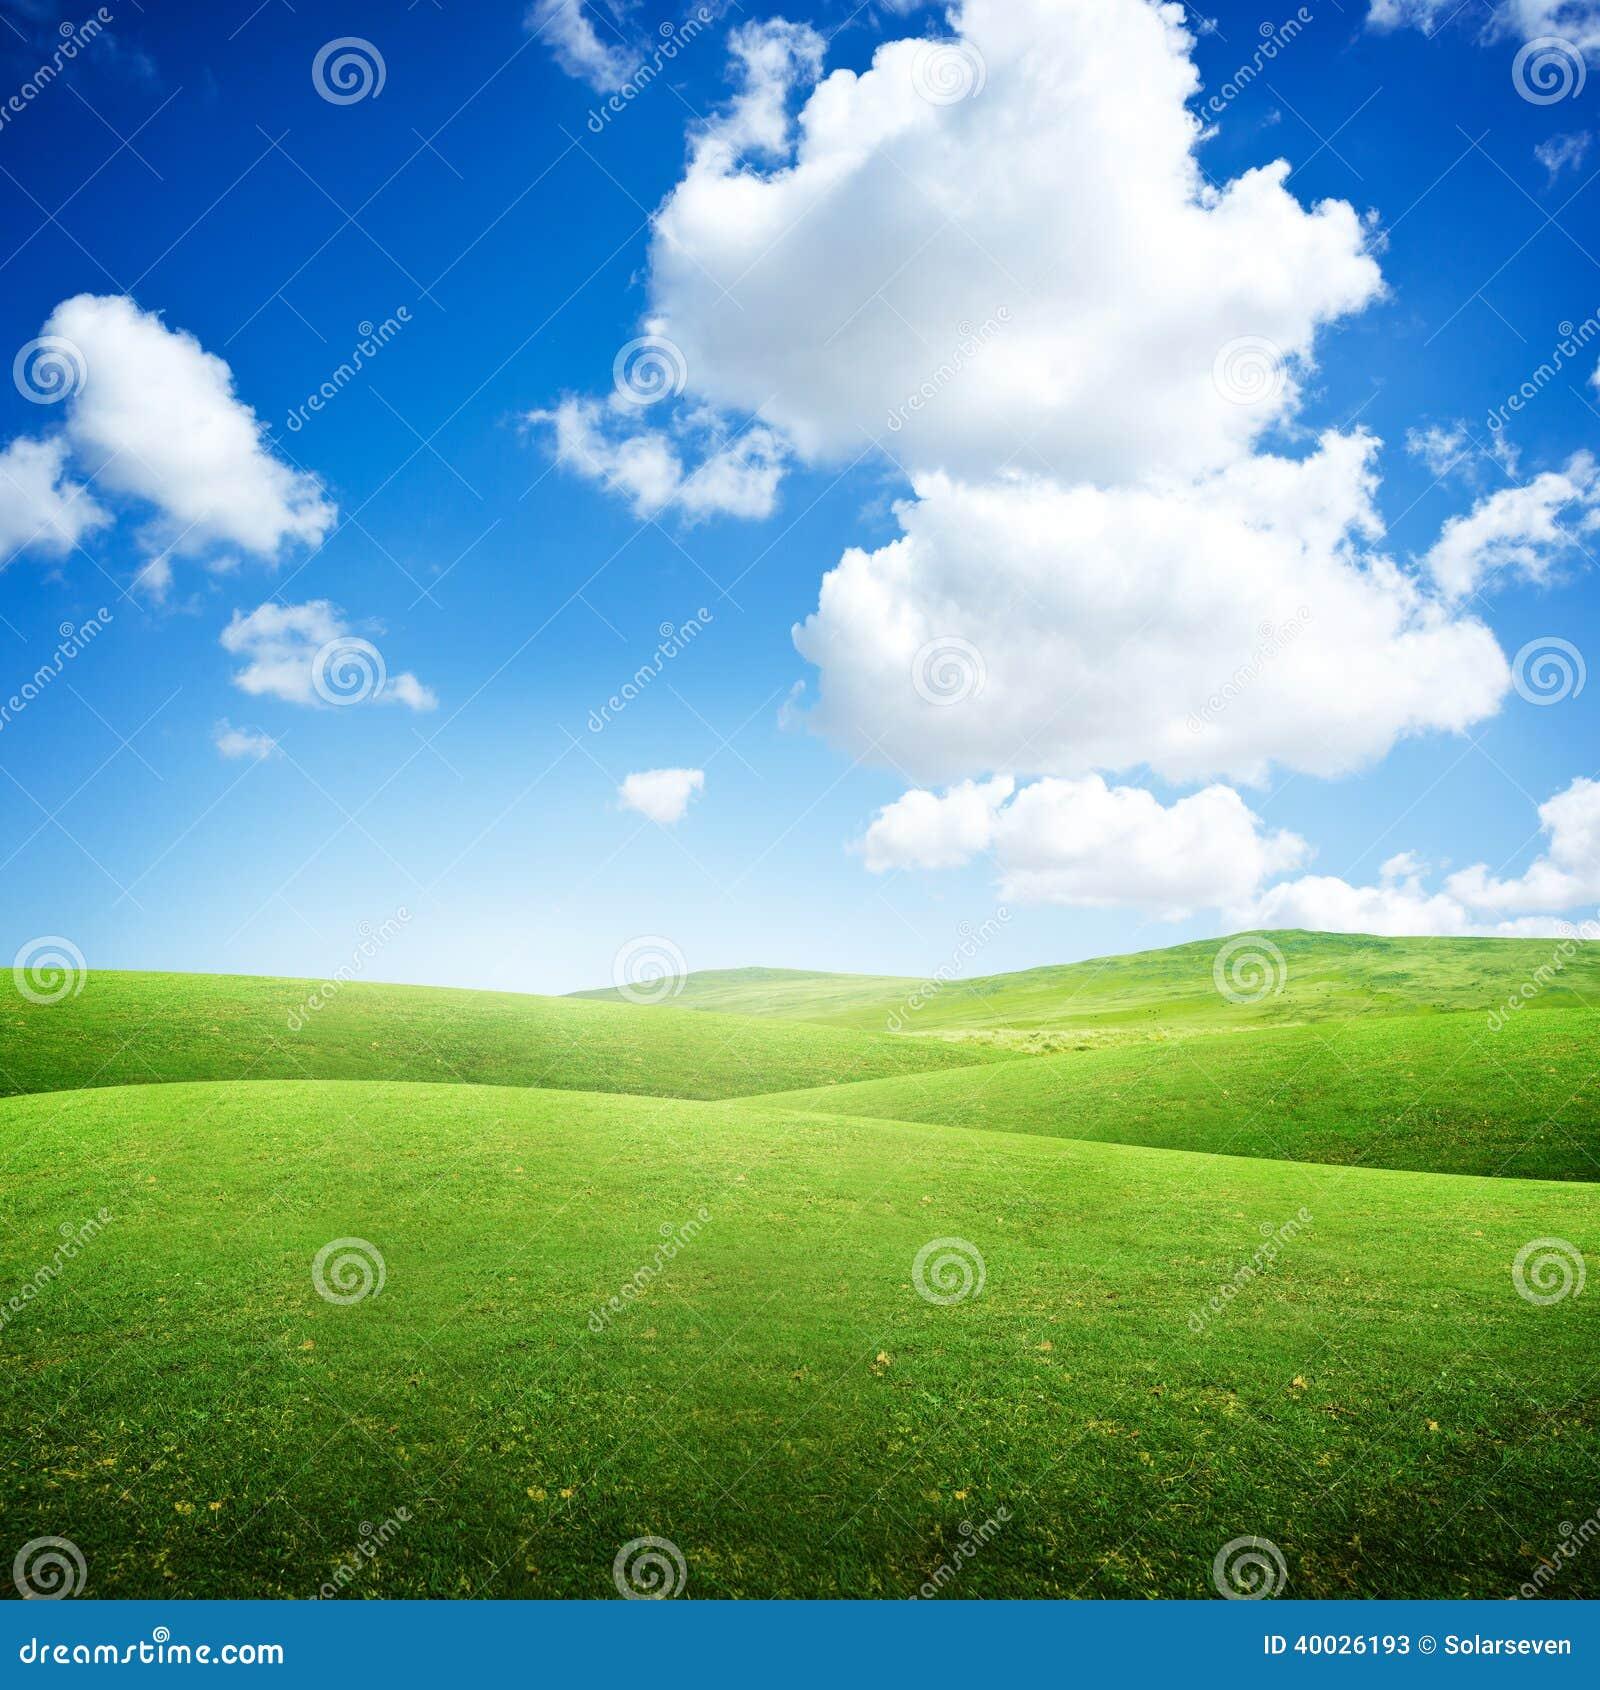 Green Rolling Fields